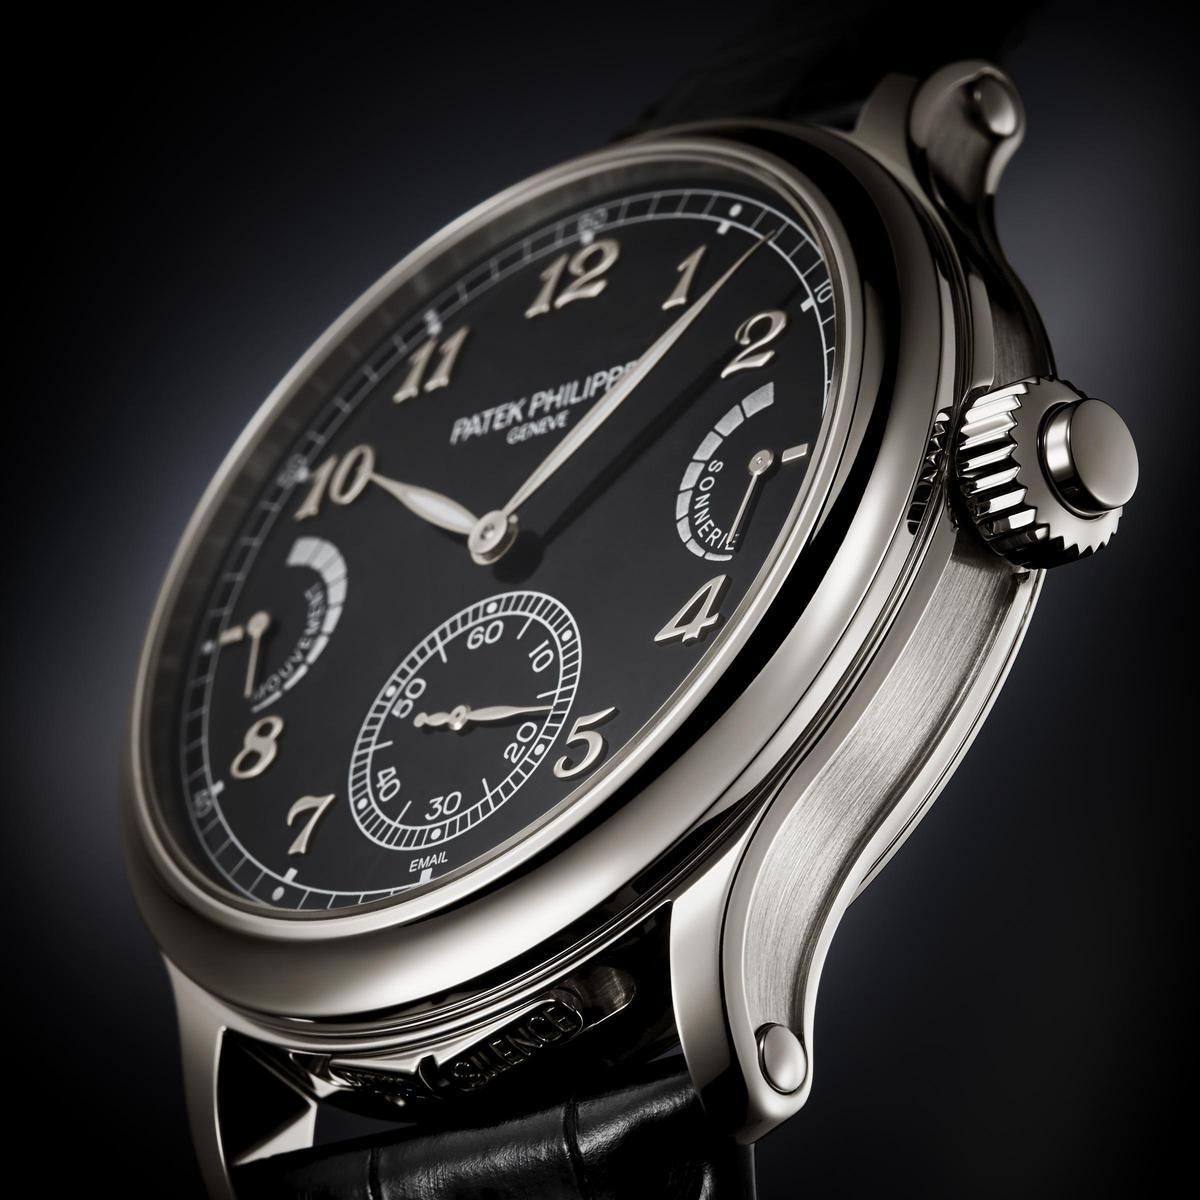 百達翡麗新一代複雜大作:Ref. 6301P腕錶,是品牌首款純粹大自鳴功能的作品。